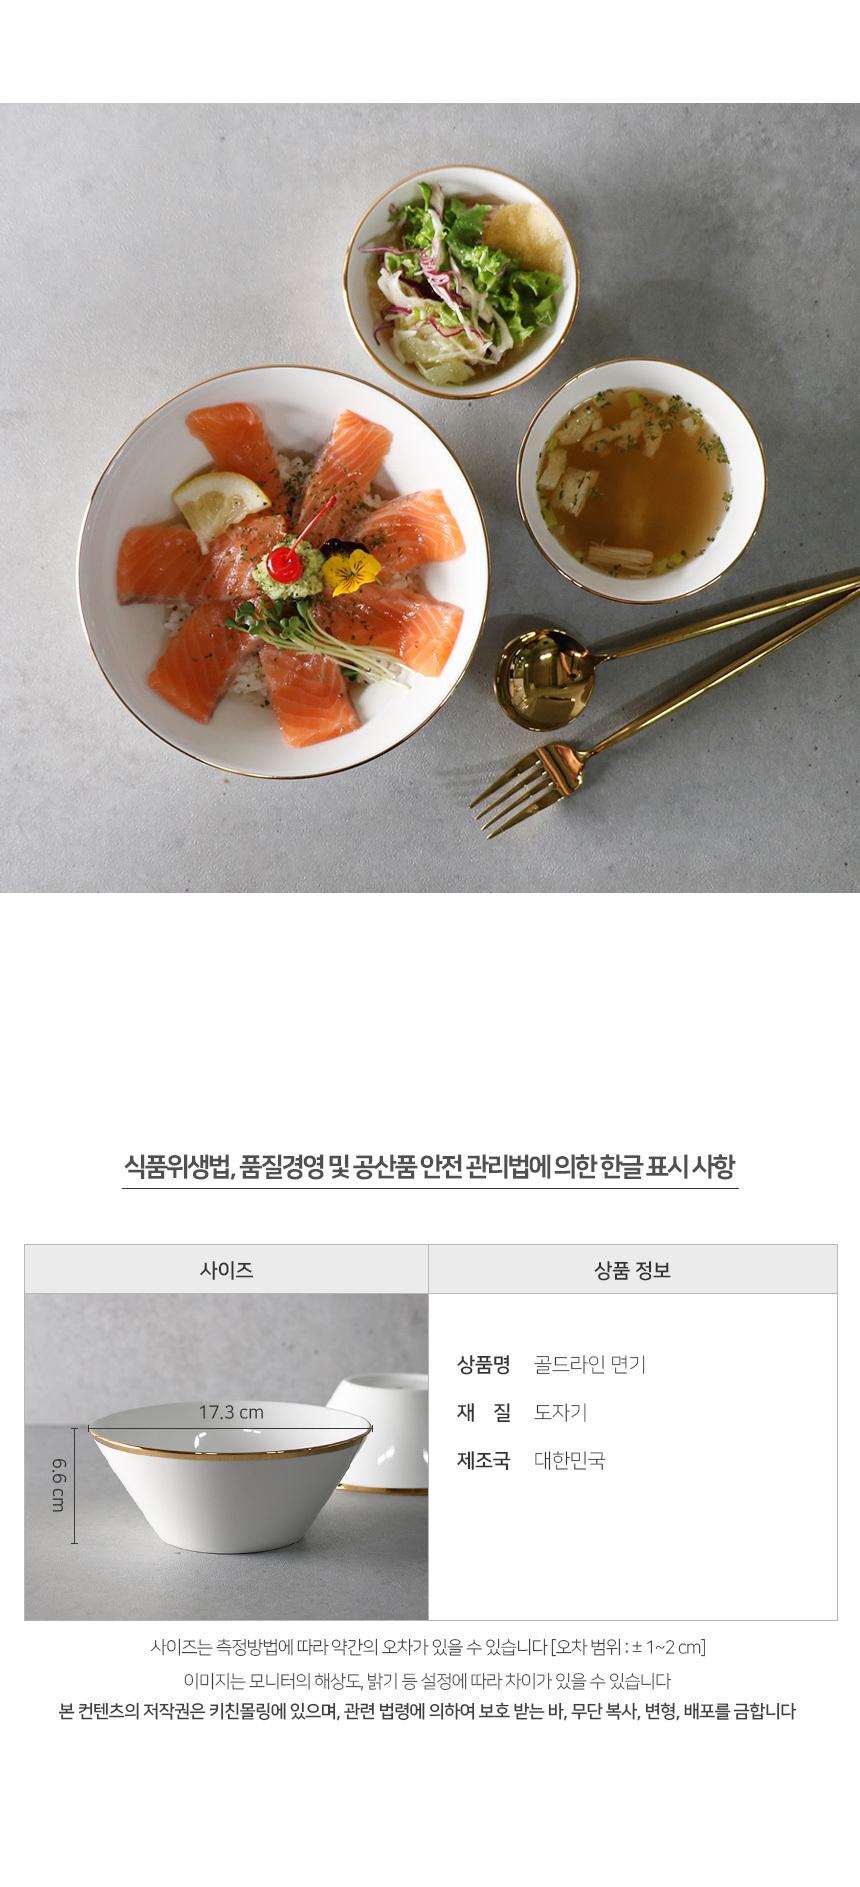 골드라인 면기 1P - 키친몰링, 20,000원, 파스타/면기/스프, 면기